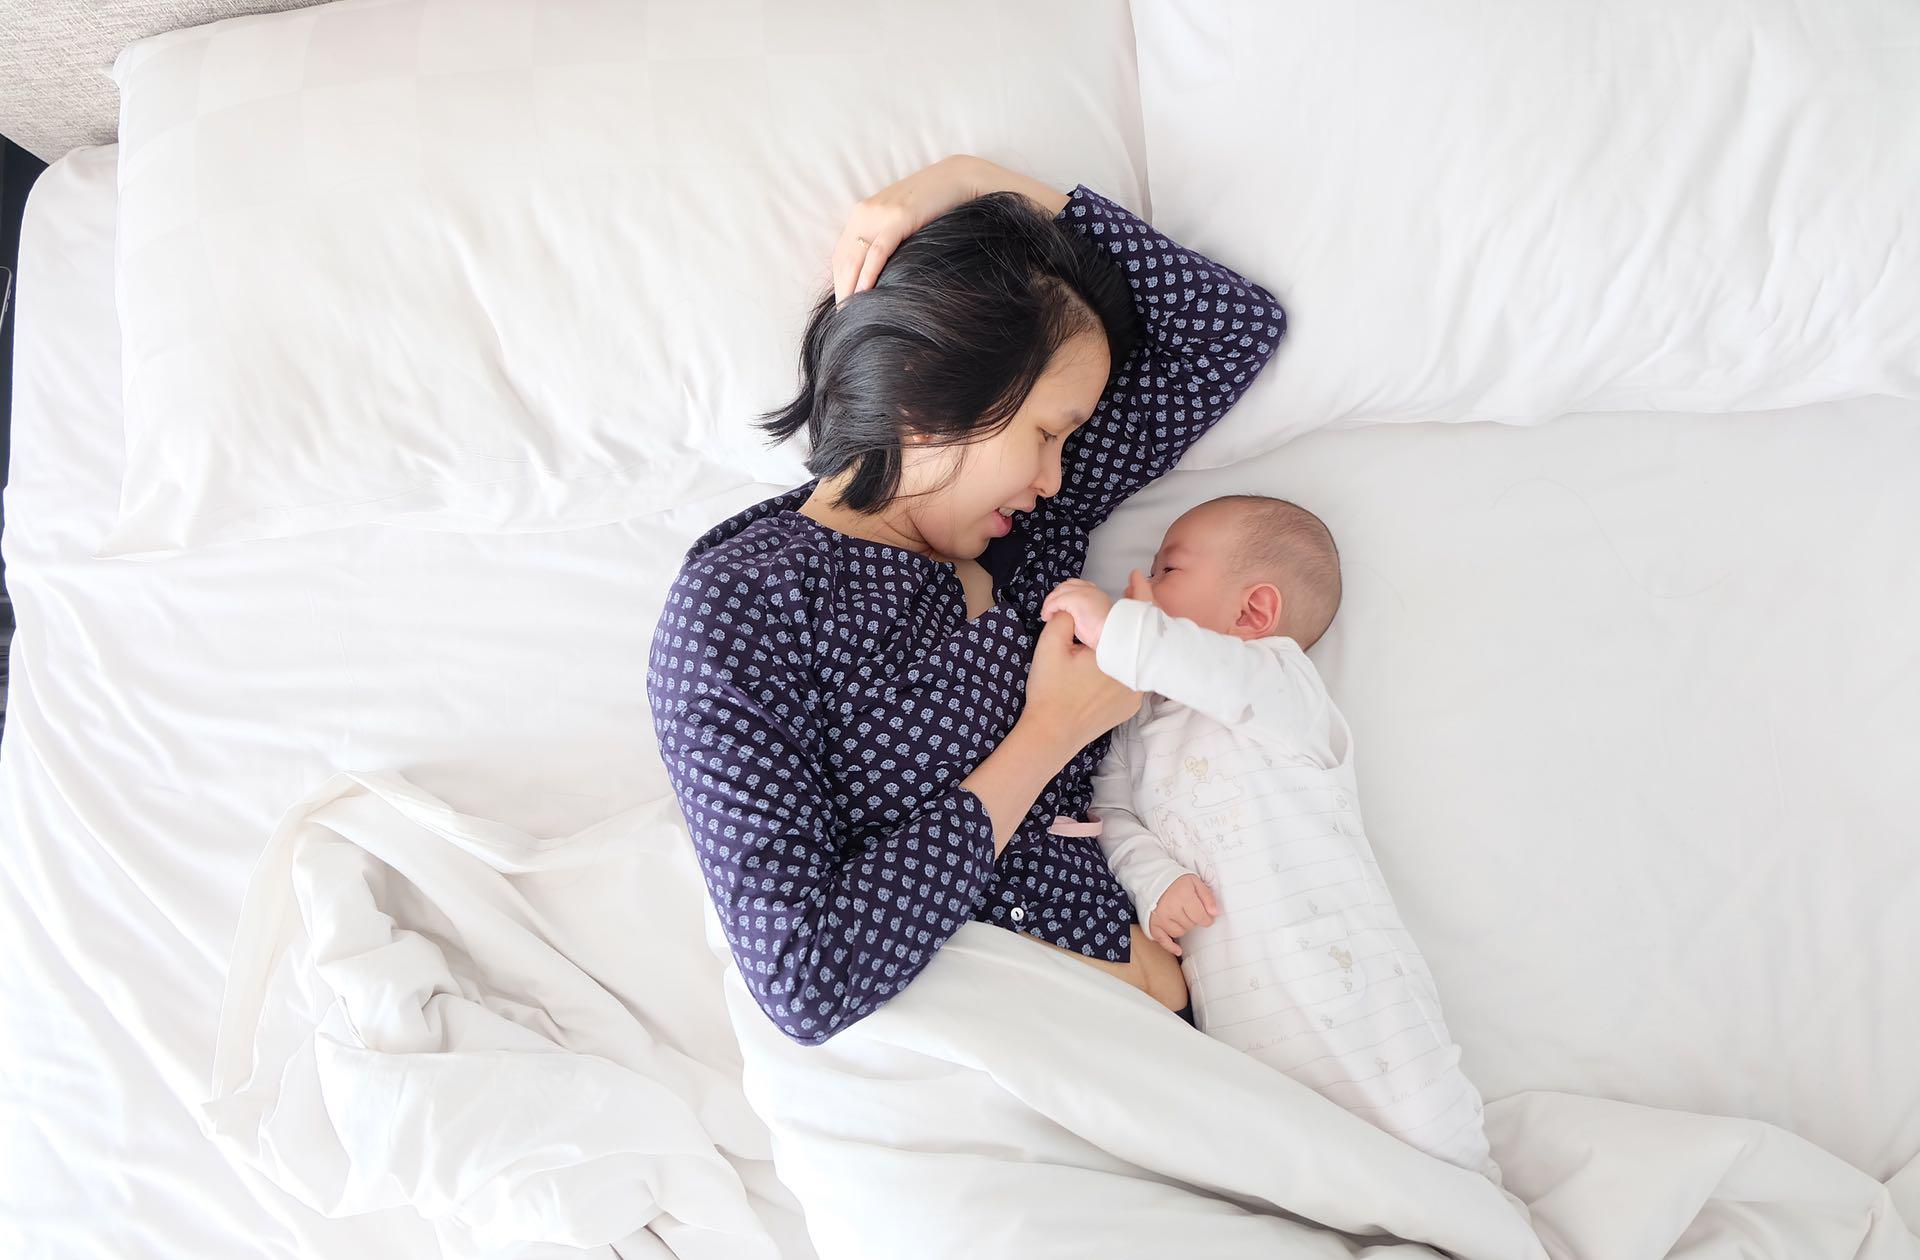 Sans surprise, le Covid a aussi fait du mal aux mères et augmenté les dépressions post-partum